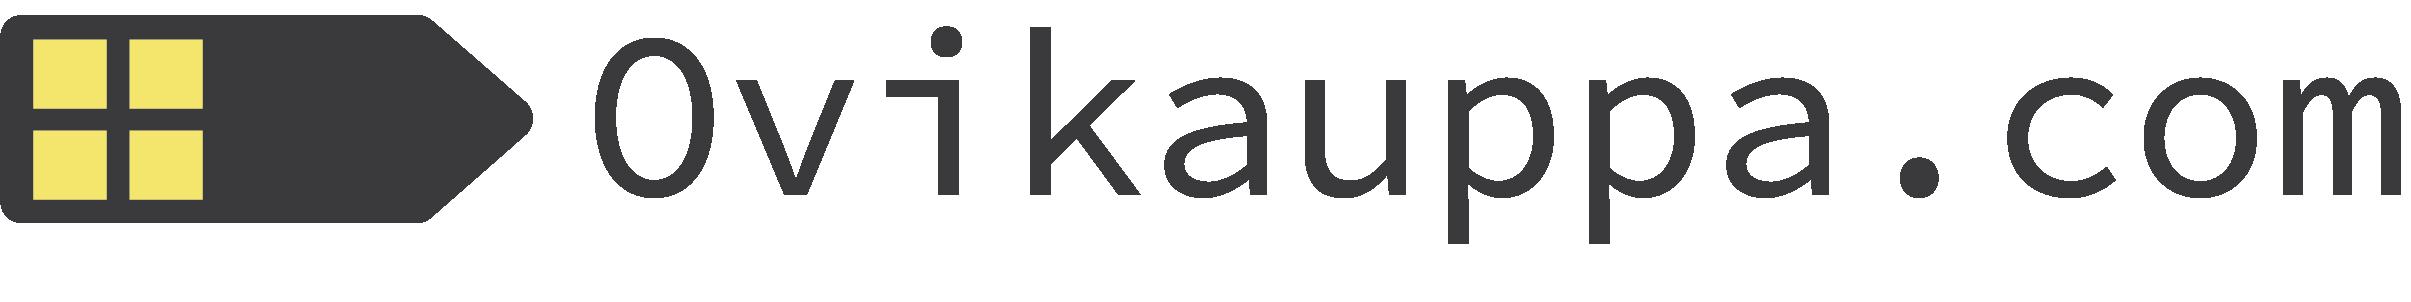 Ovikauppa.com logo